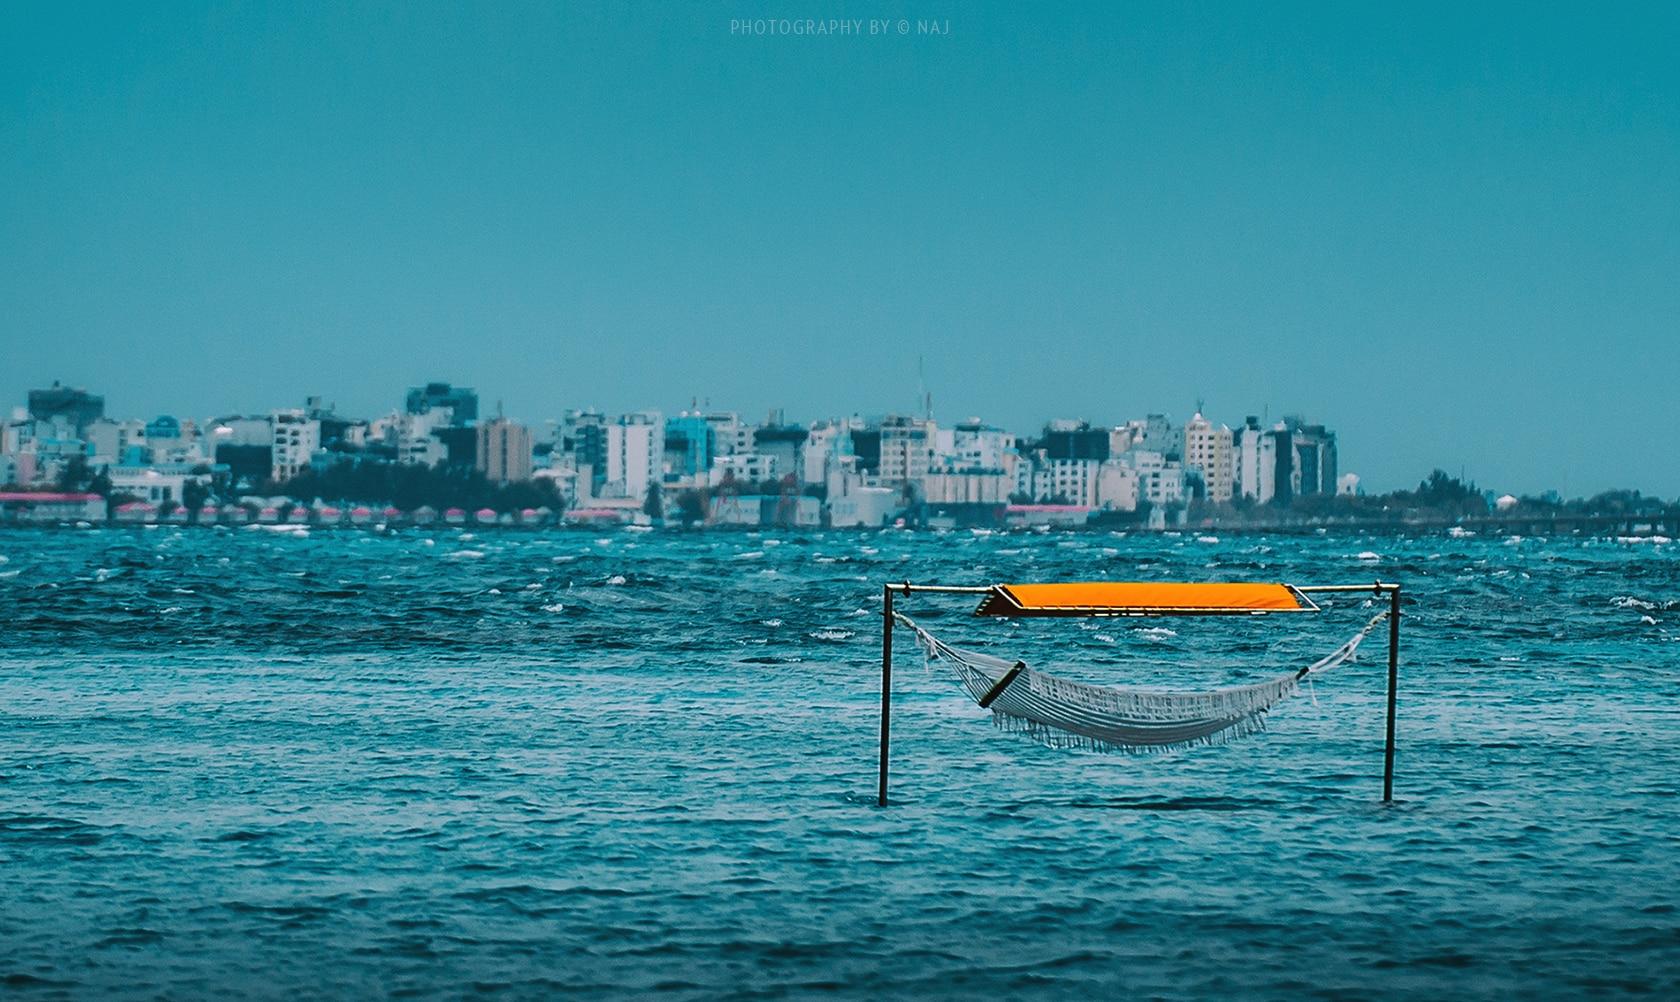 Photography : © Naj